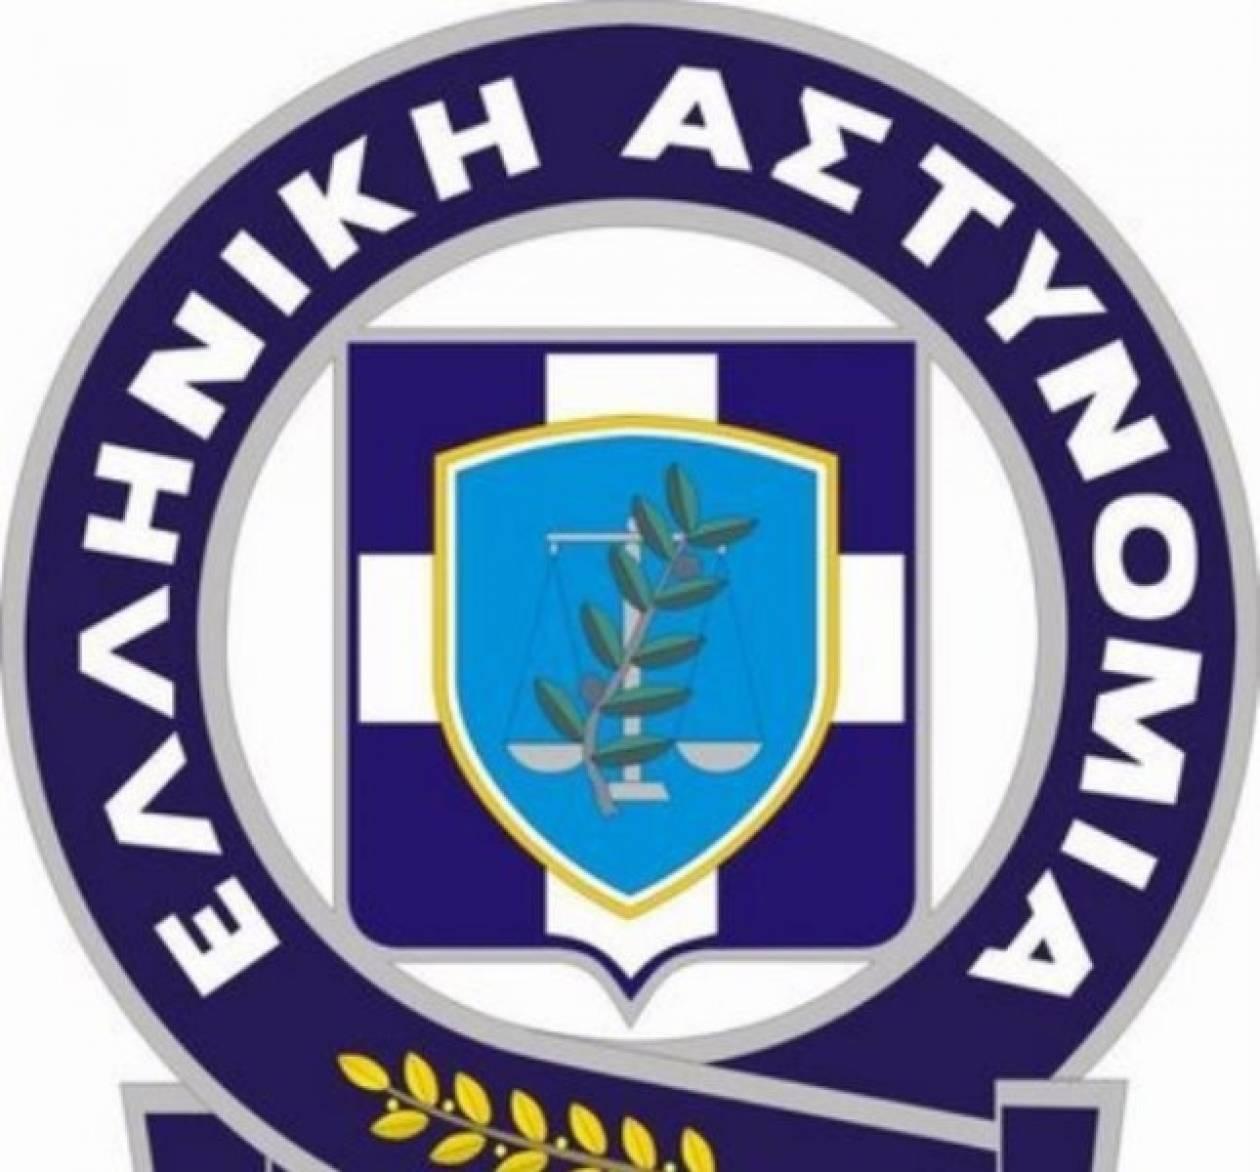 Διάψευση της  ΕΛ.ΑΣ. για εμπλοκή ποινικών στη δολοφονία στο Ν.Ηράκλειο